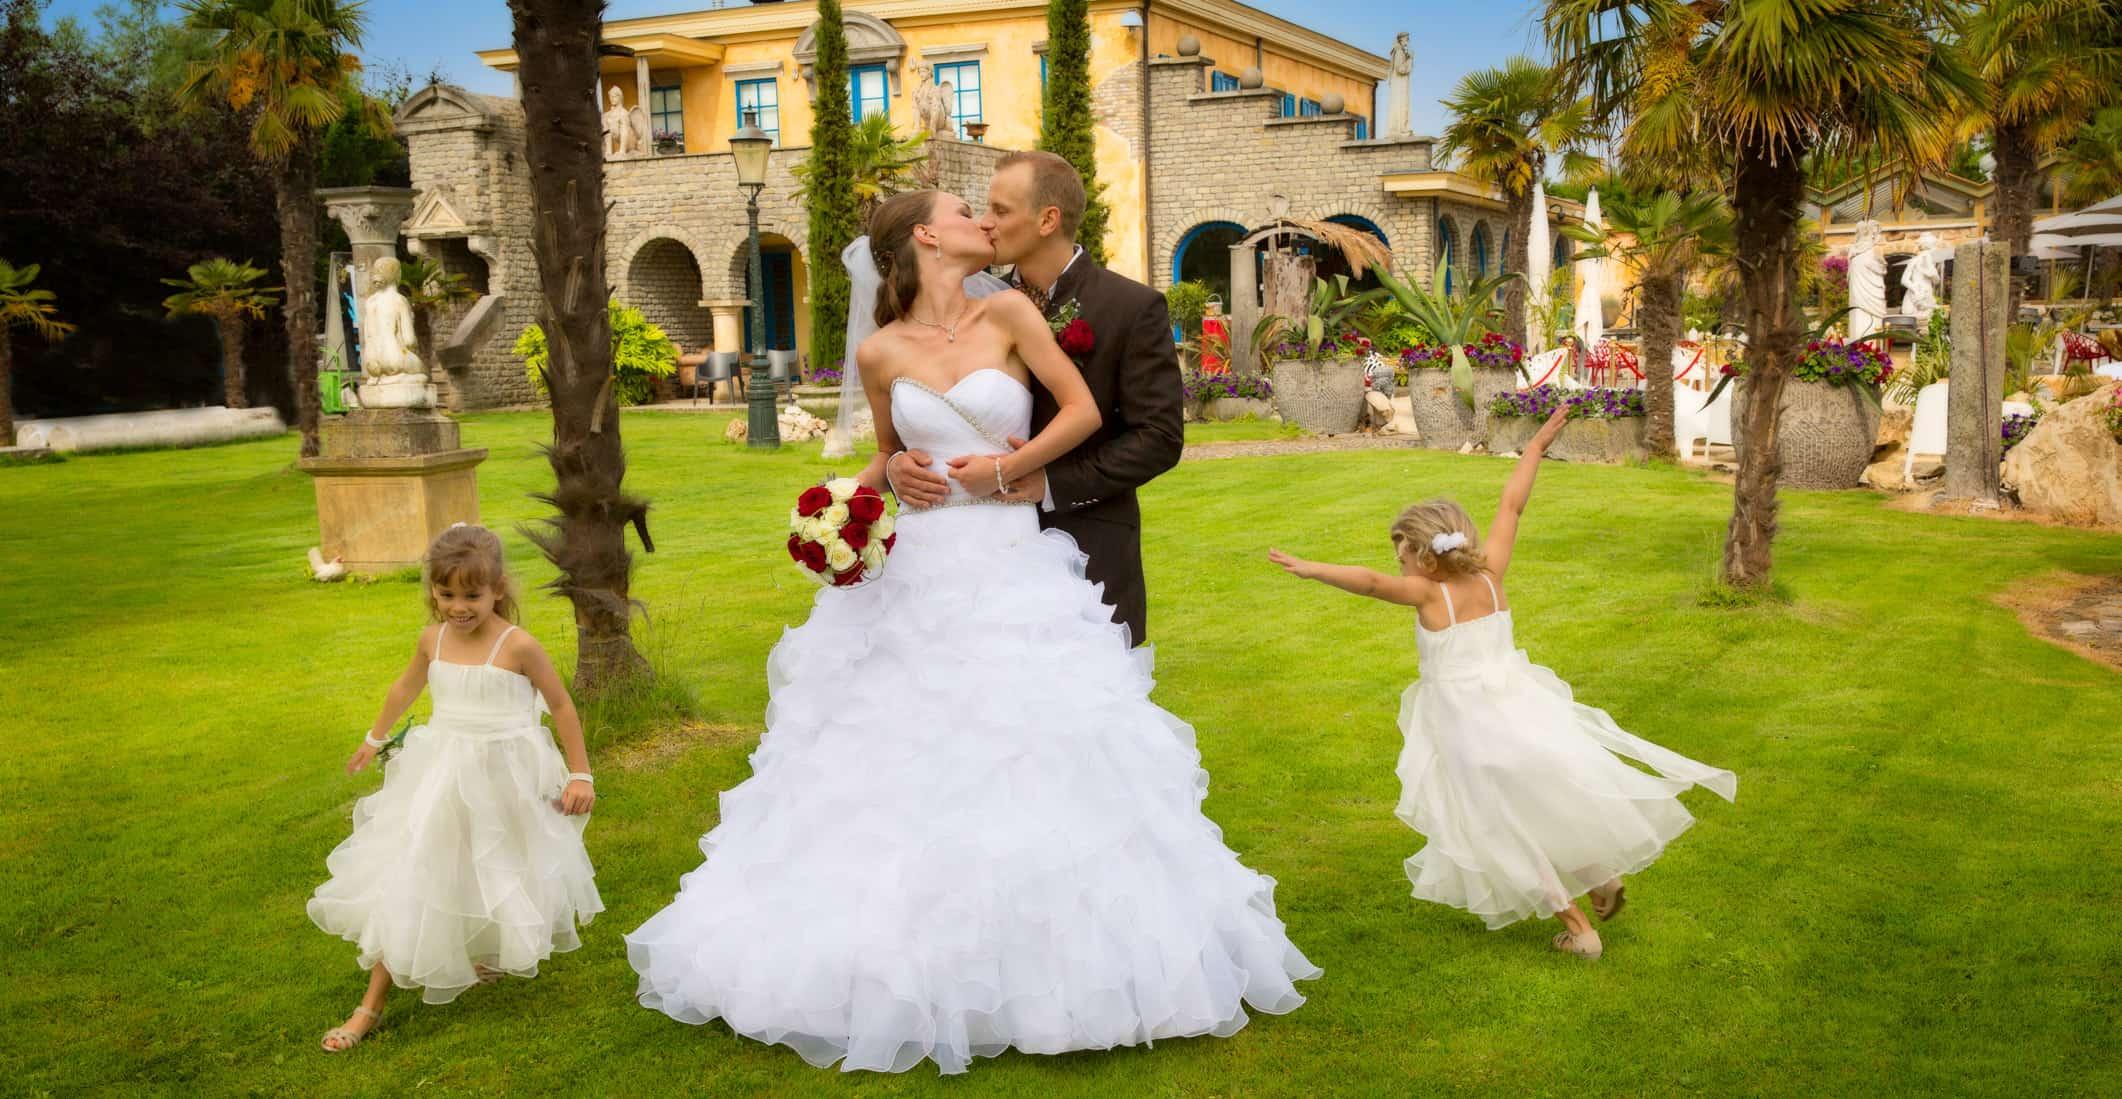 zoek goede bruidsfotograaf